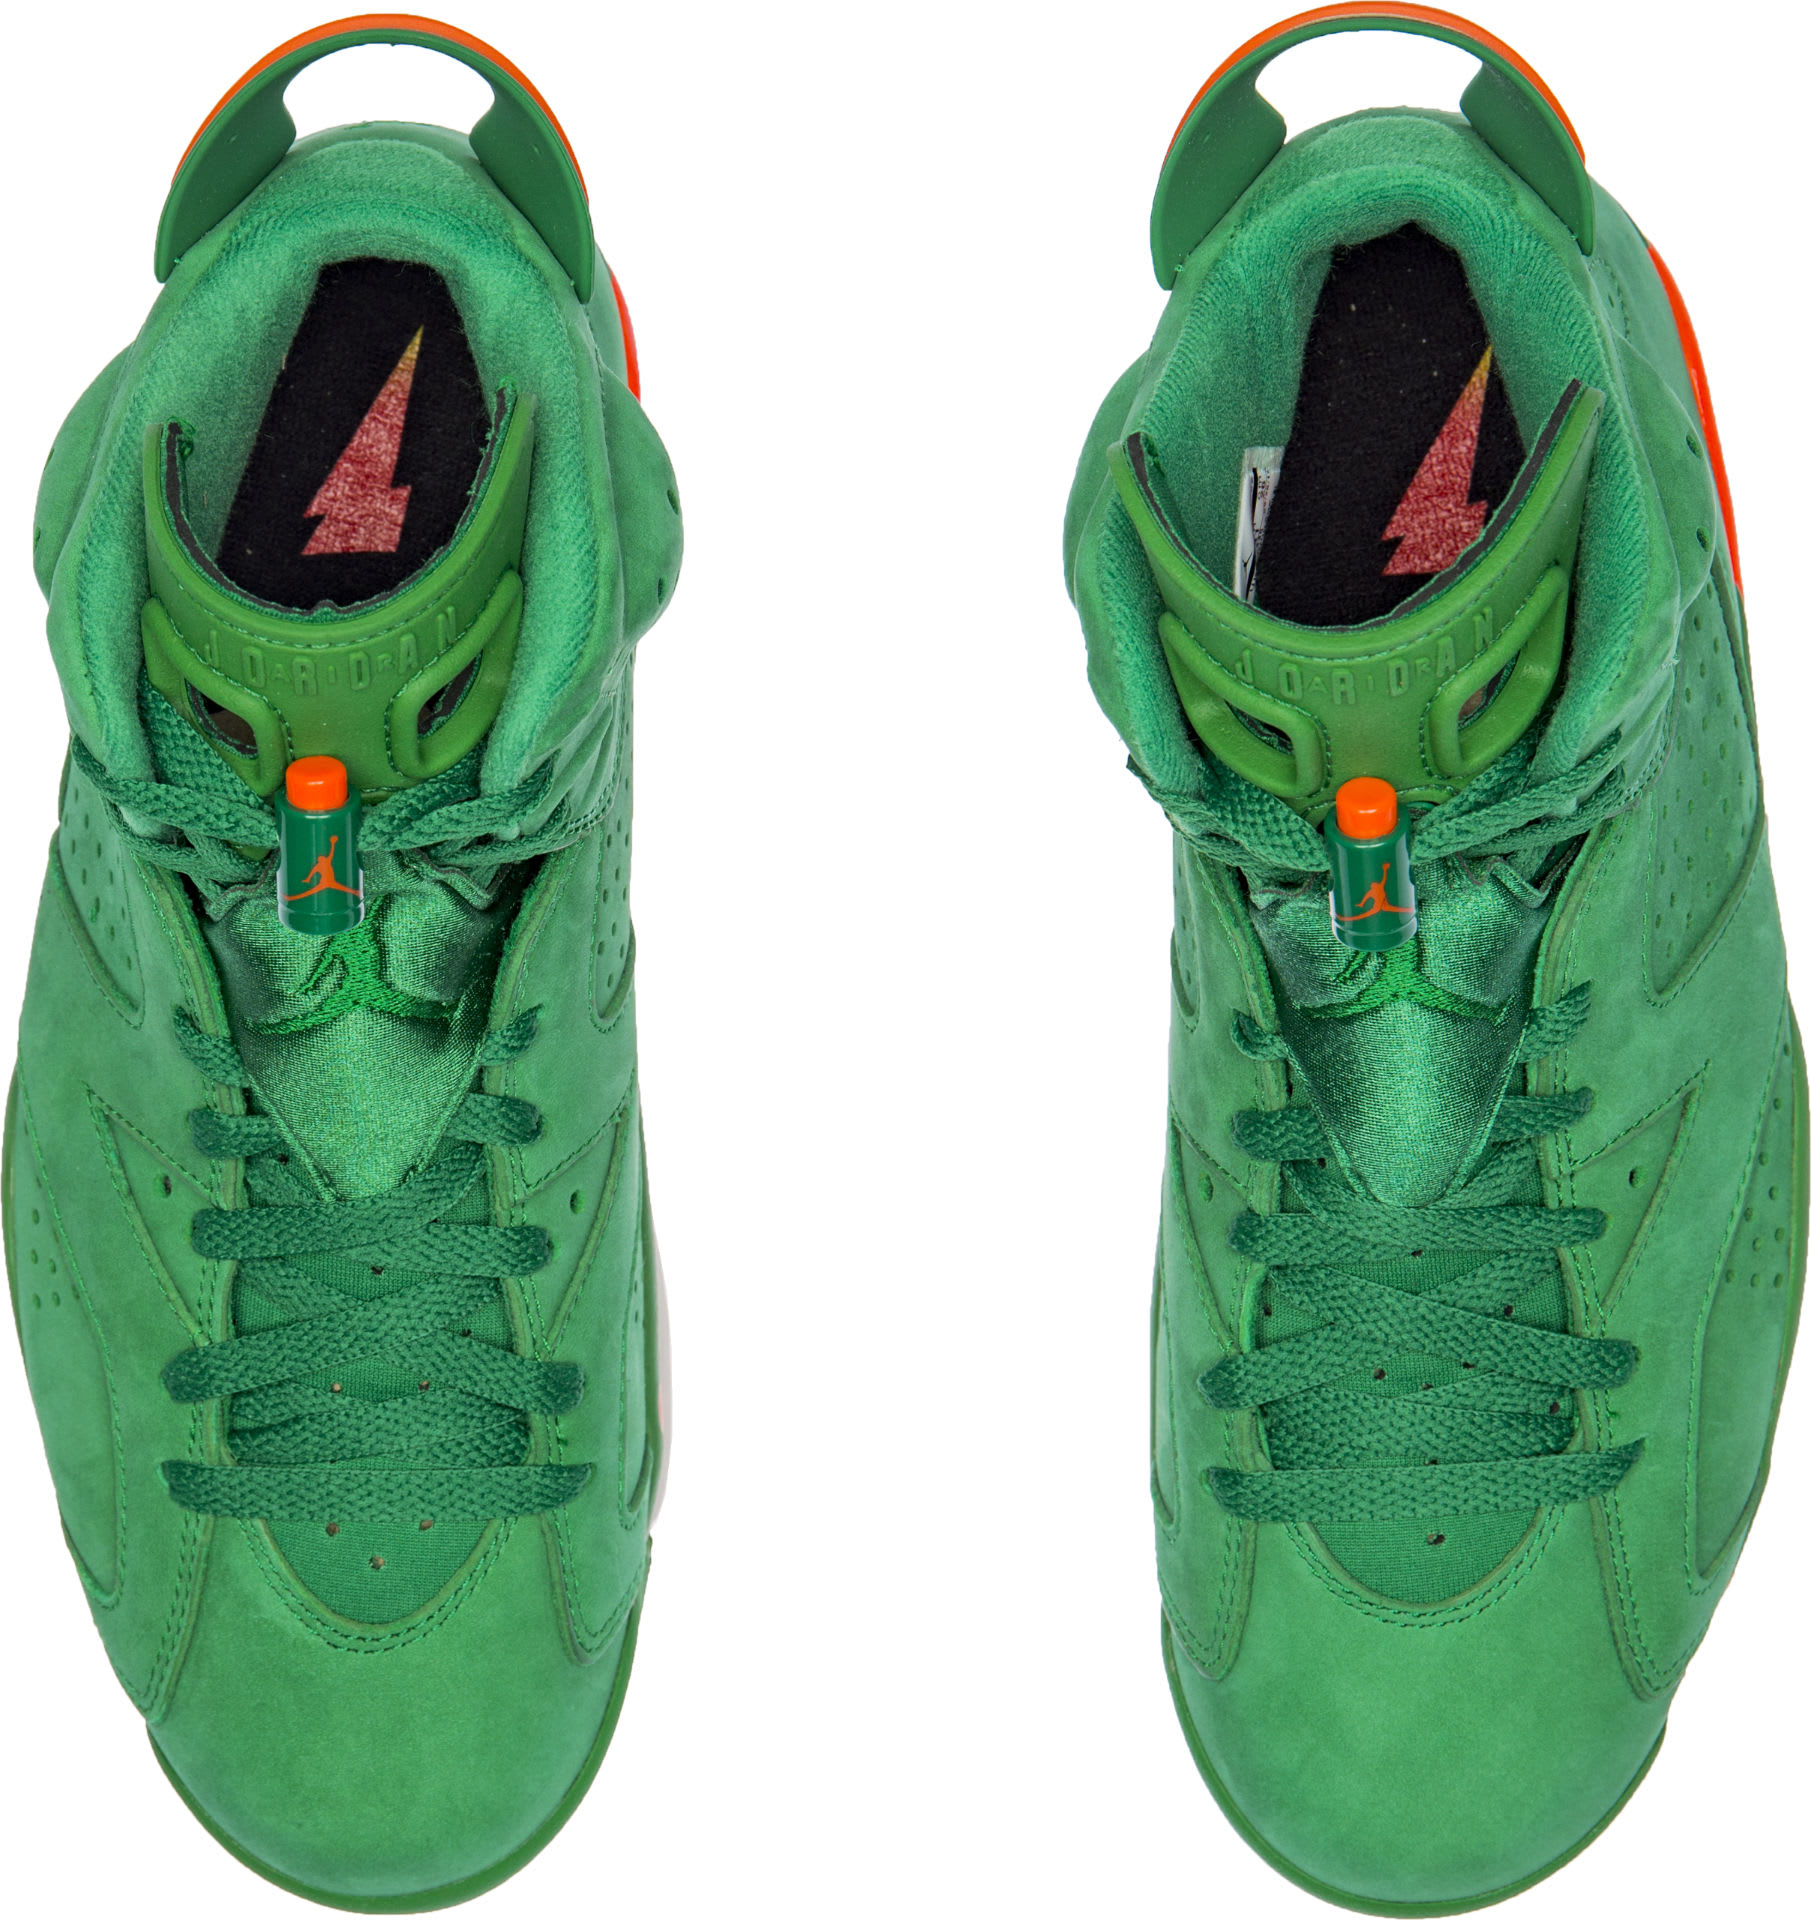 Air Jordan 6 VI Gatorade Green Release Date AJ5986-335 Top